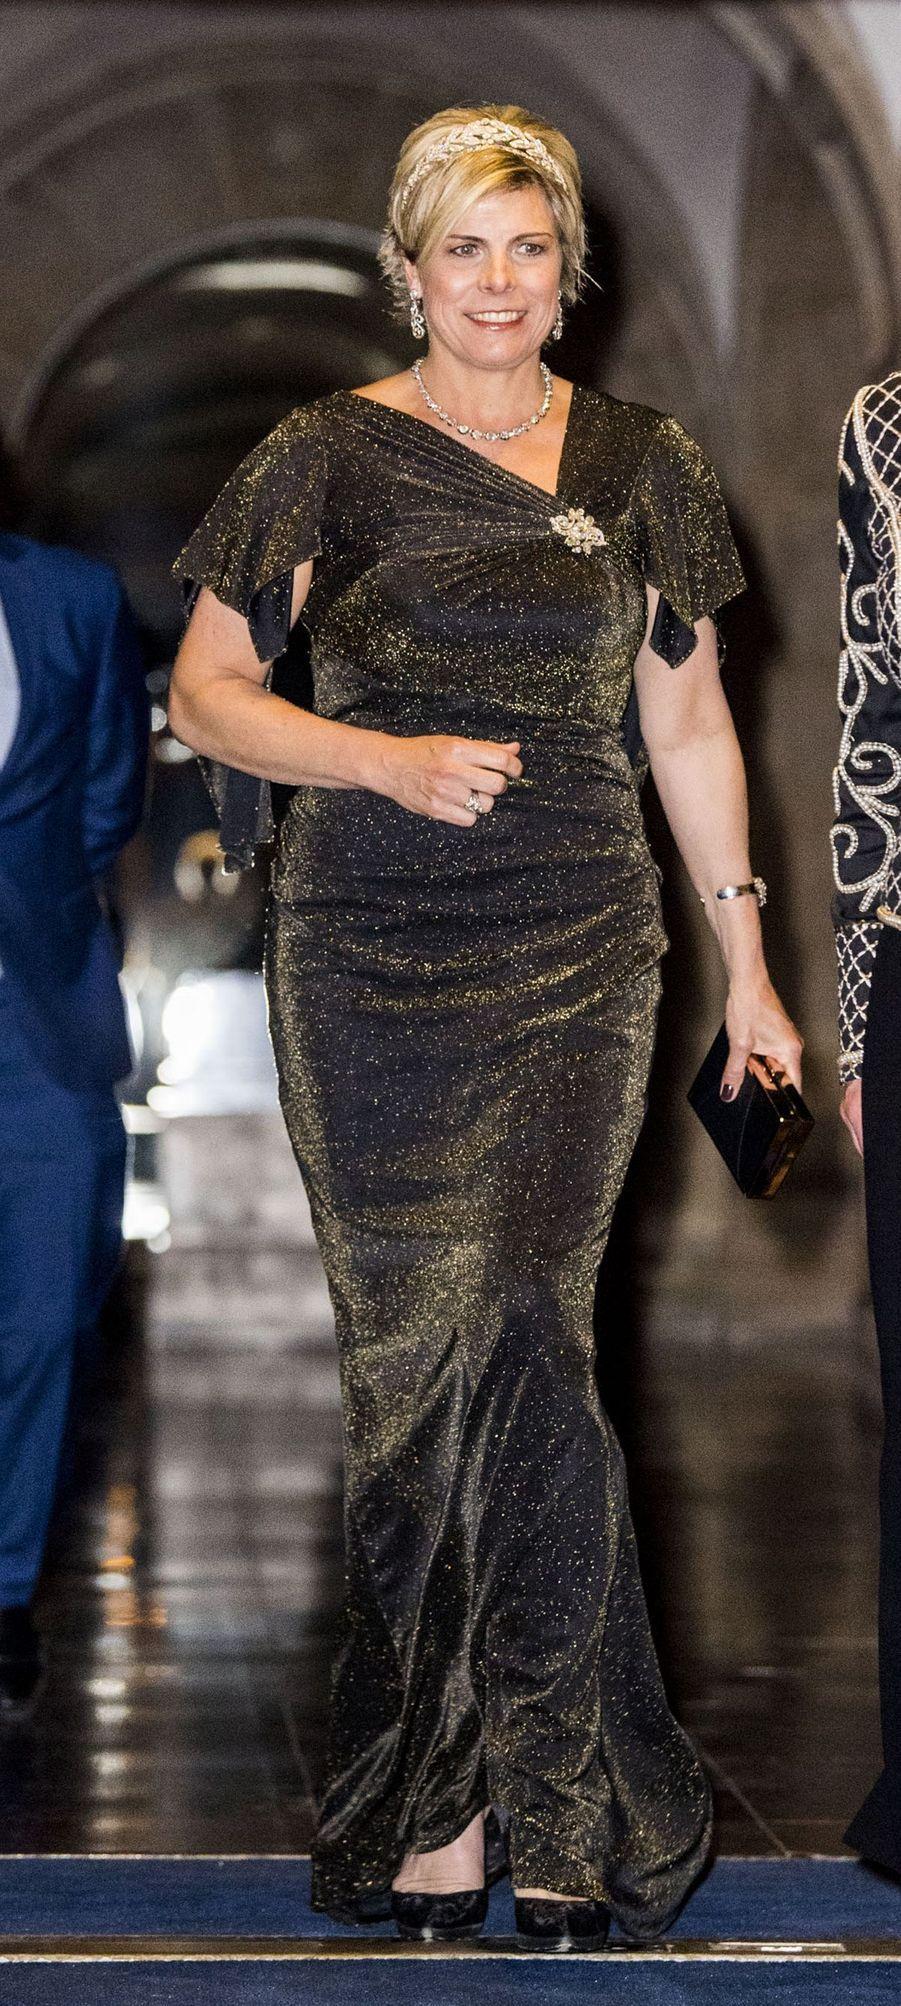 La princesse Laurentien des Pays-Bas à Amsterdam, le 27 mars 2017